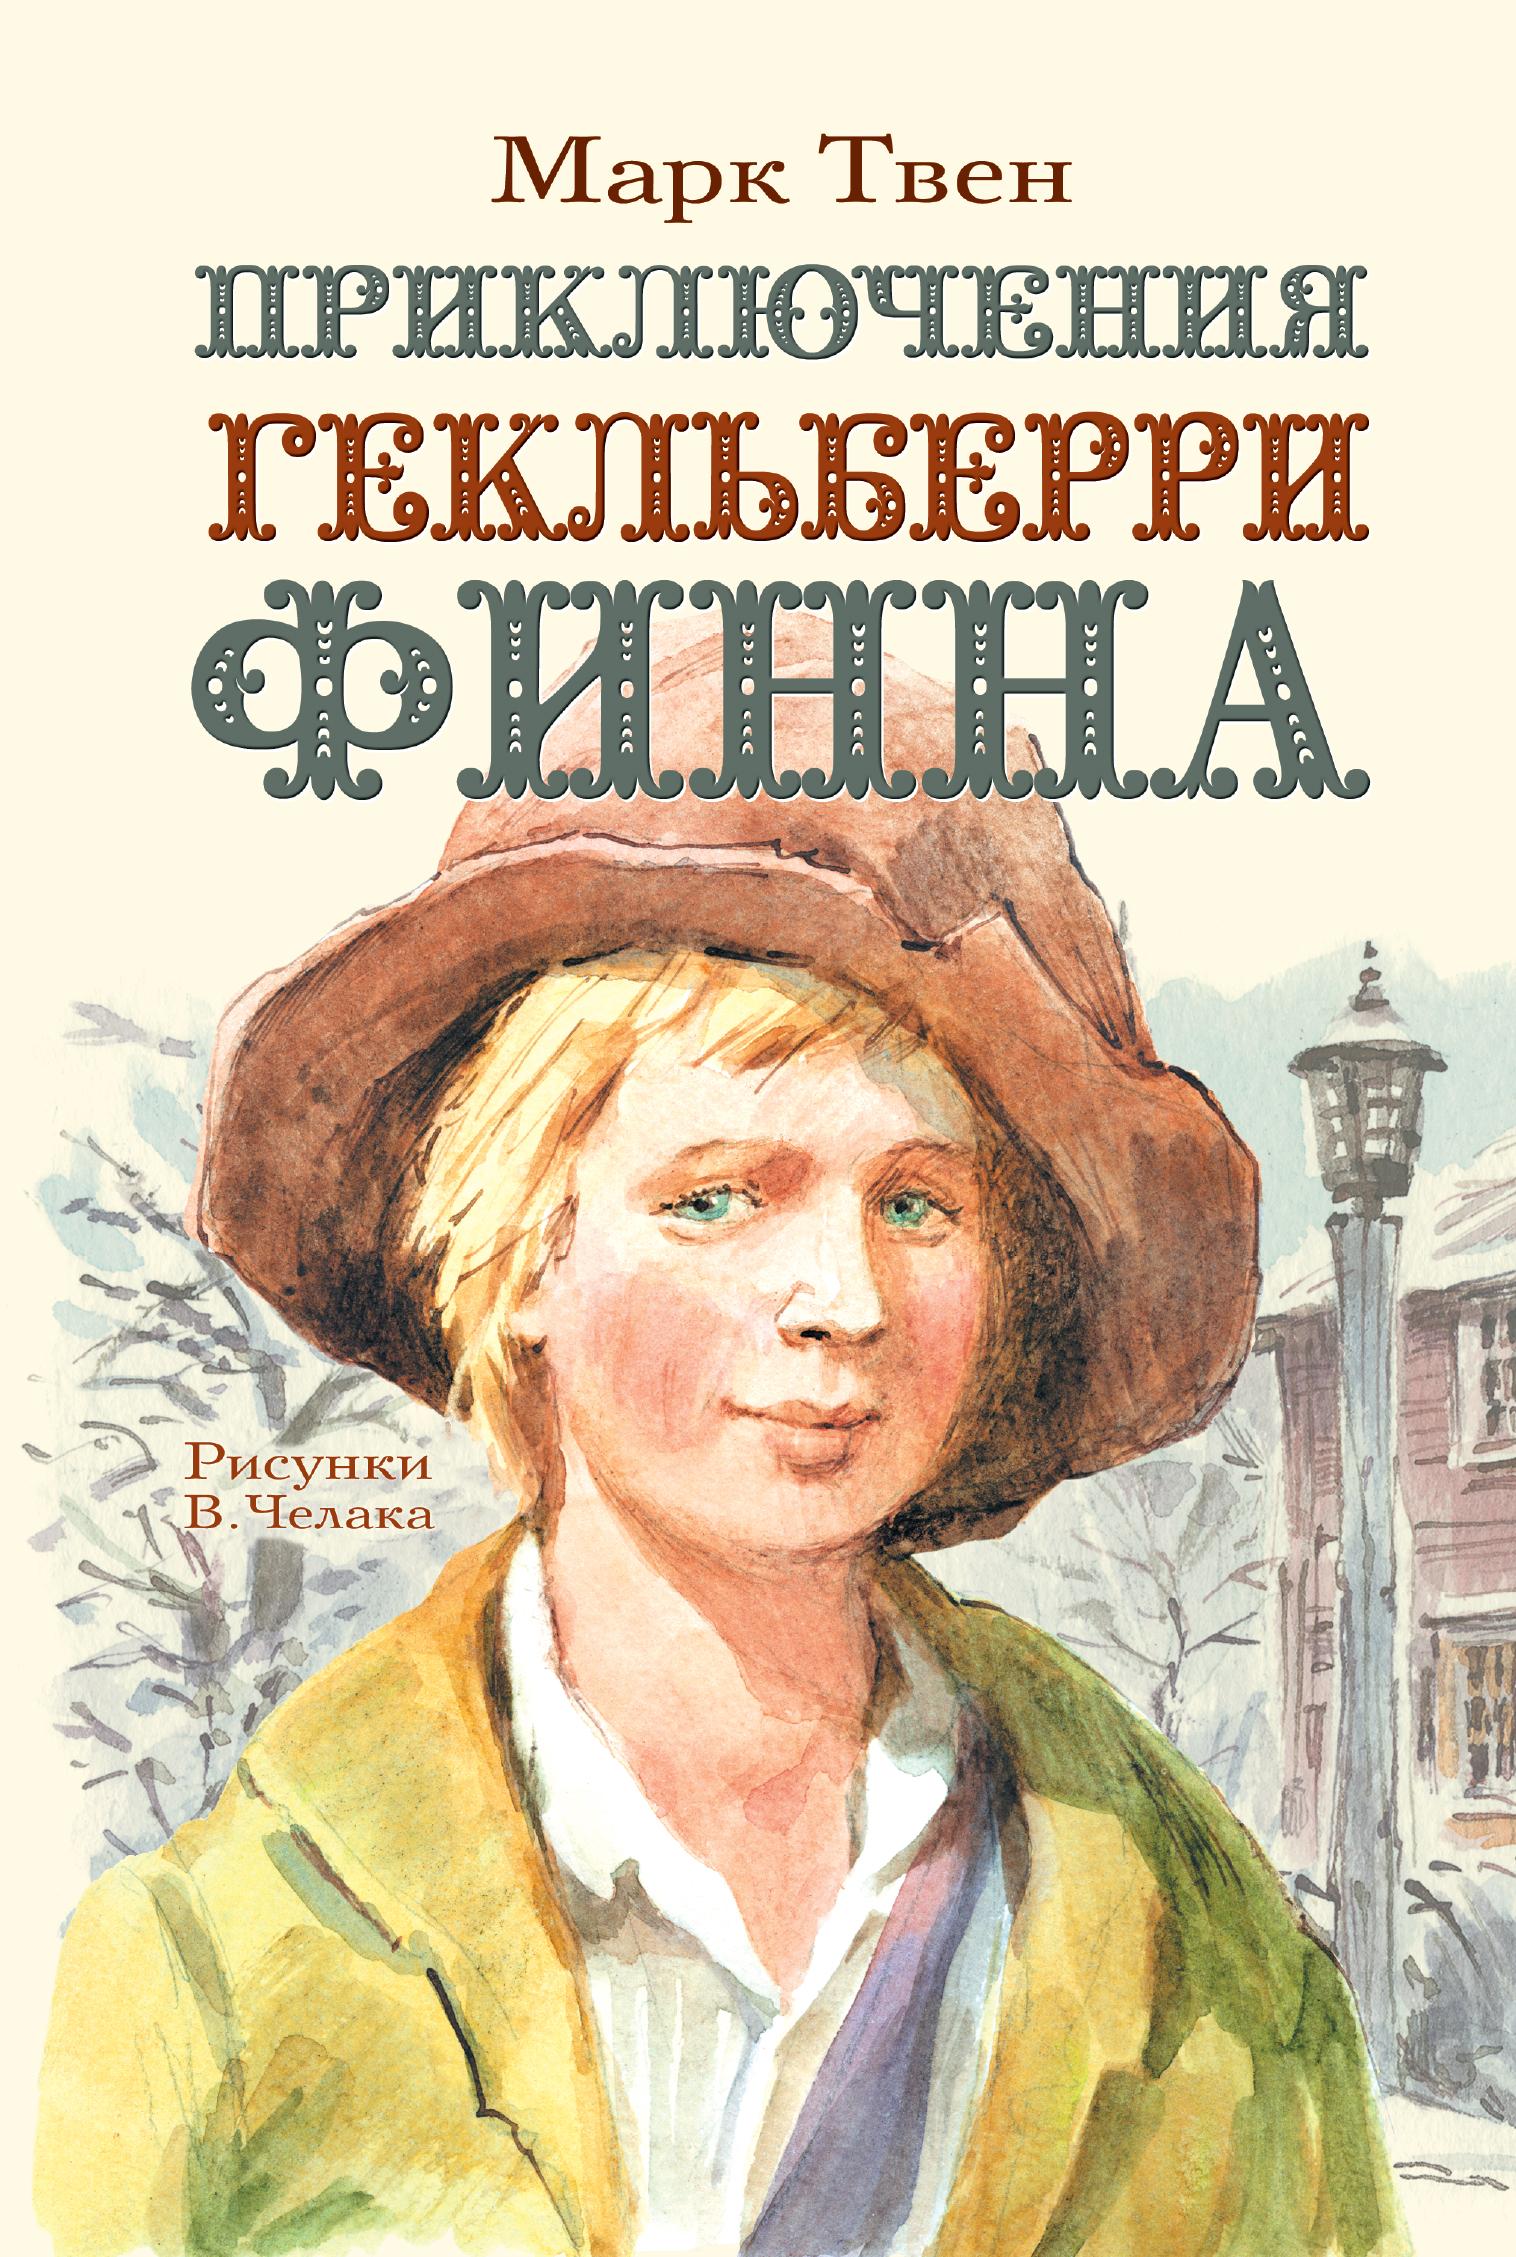 Марк Твен Приключения Гекльберри Финна аудиокниги иддк аудиокнига твен марк городок на миссисипи приключение тома сойера